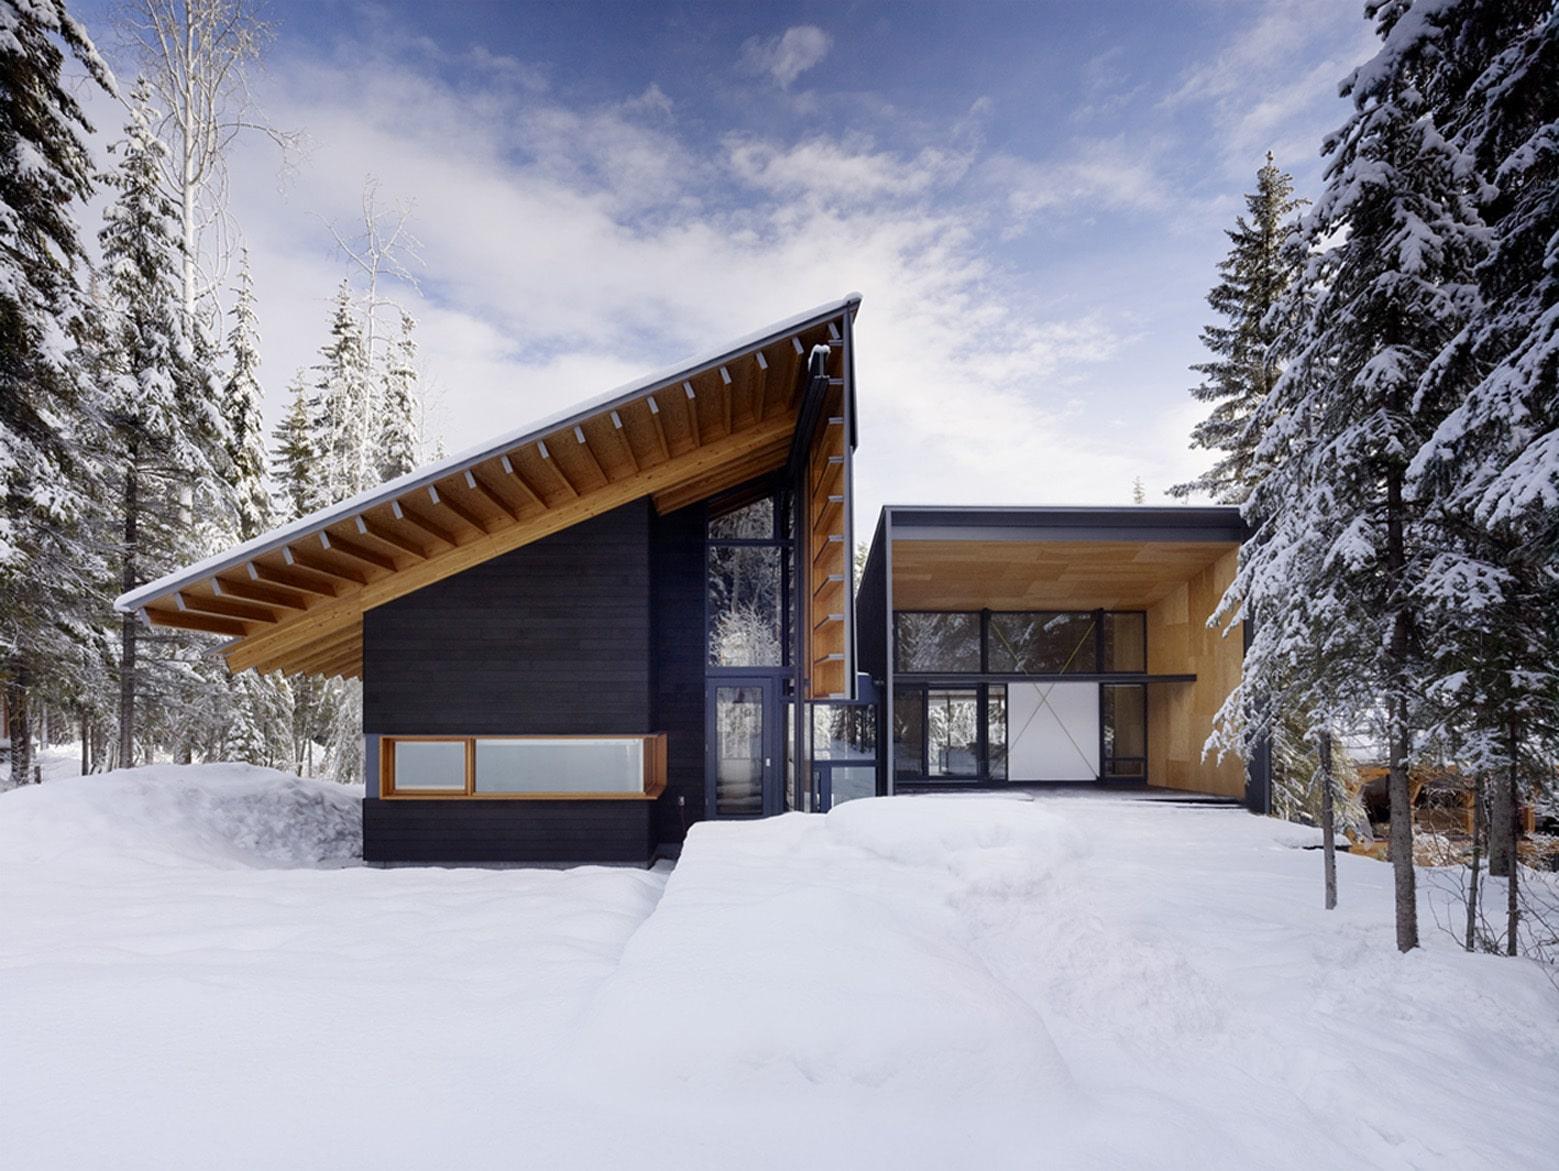 Dise o de casa dividida en dos partes planos e interiores for Casa moderna flooring